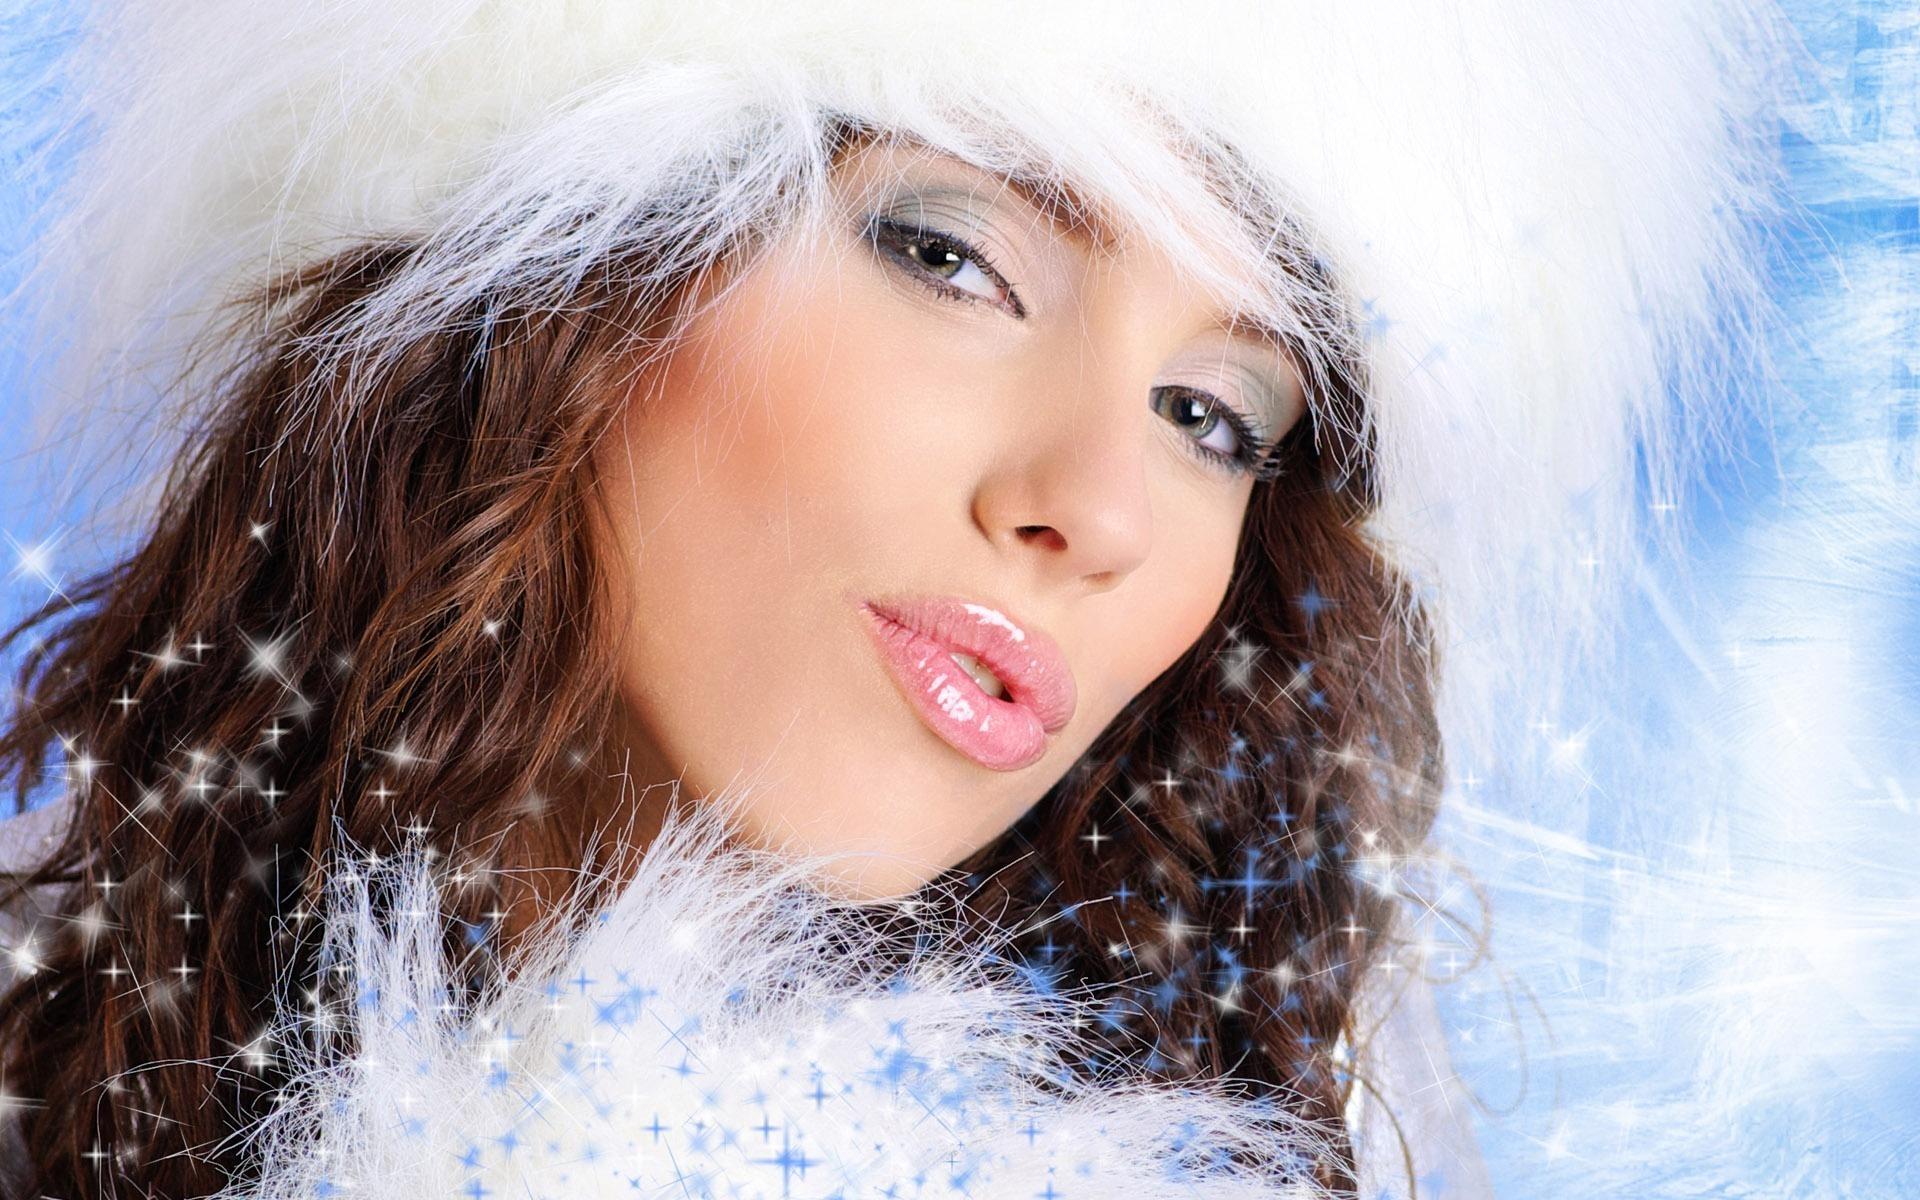 красивая девушка, зима, снегурочка, скачать фото